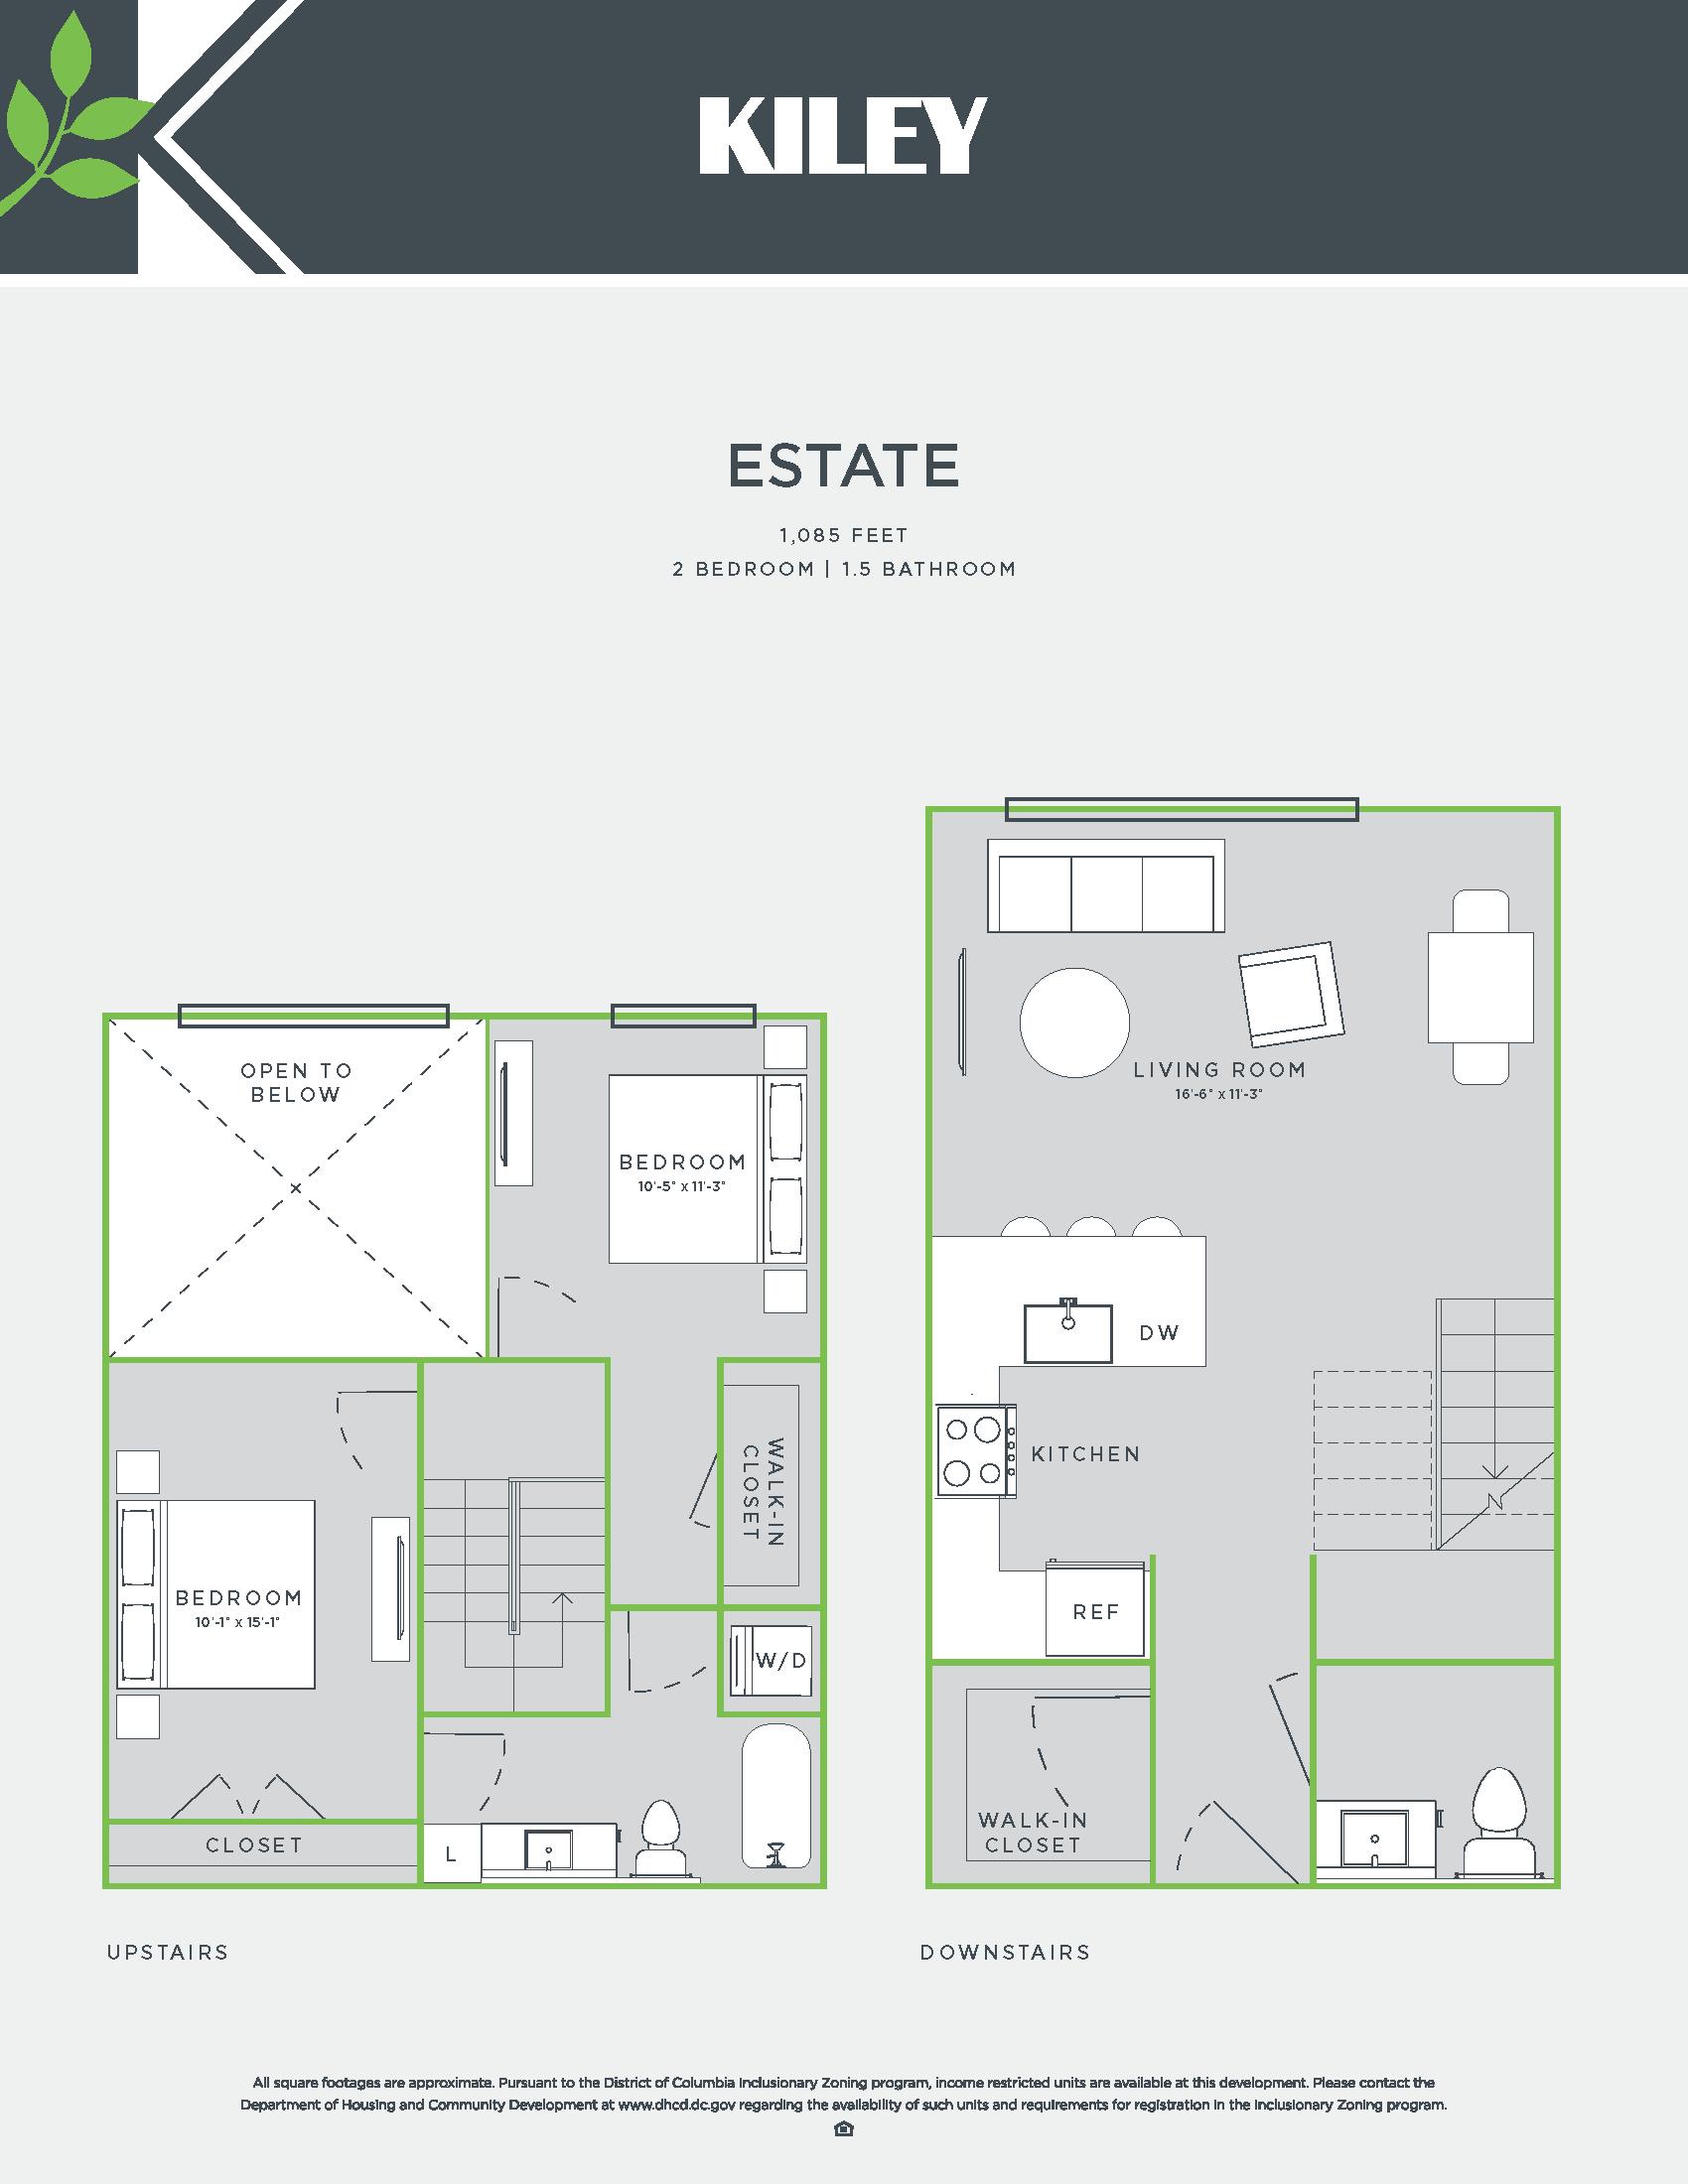 Estate (2 bed /1.5 bath) Floor Plan